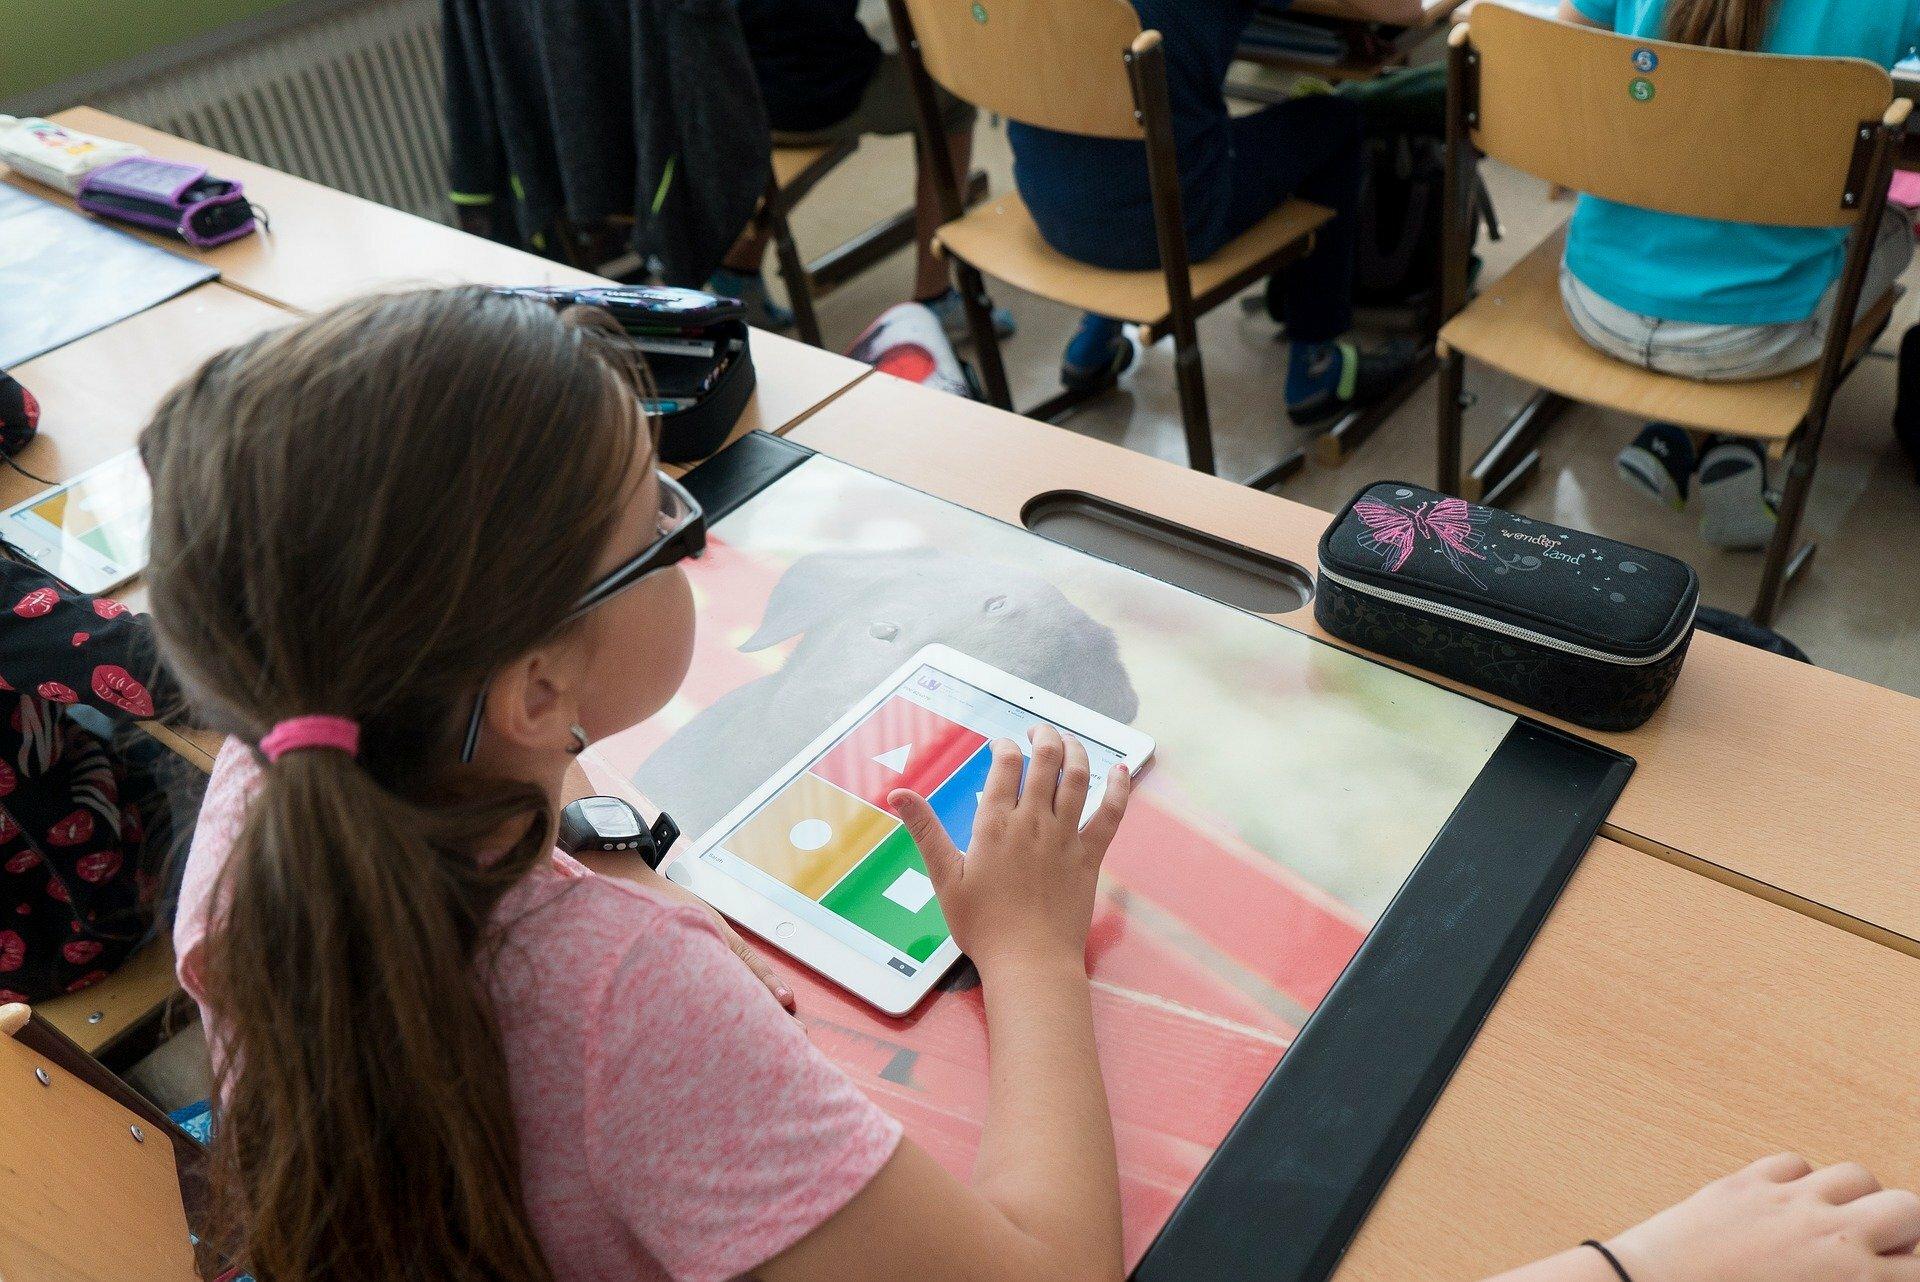 Kind in klas met i Pad voor werkstuk VVV Texel